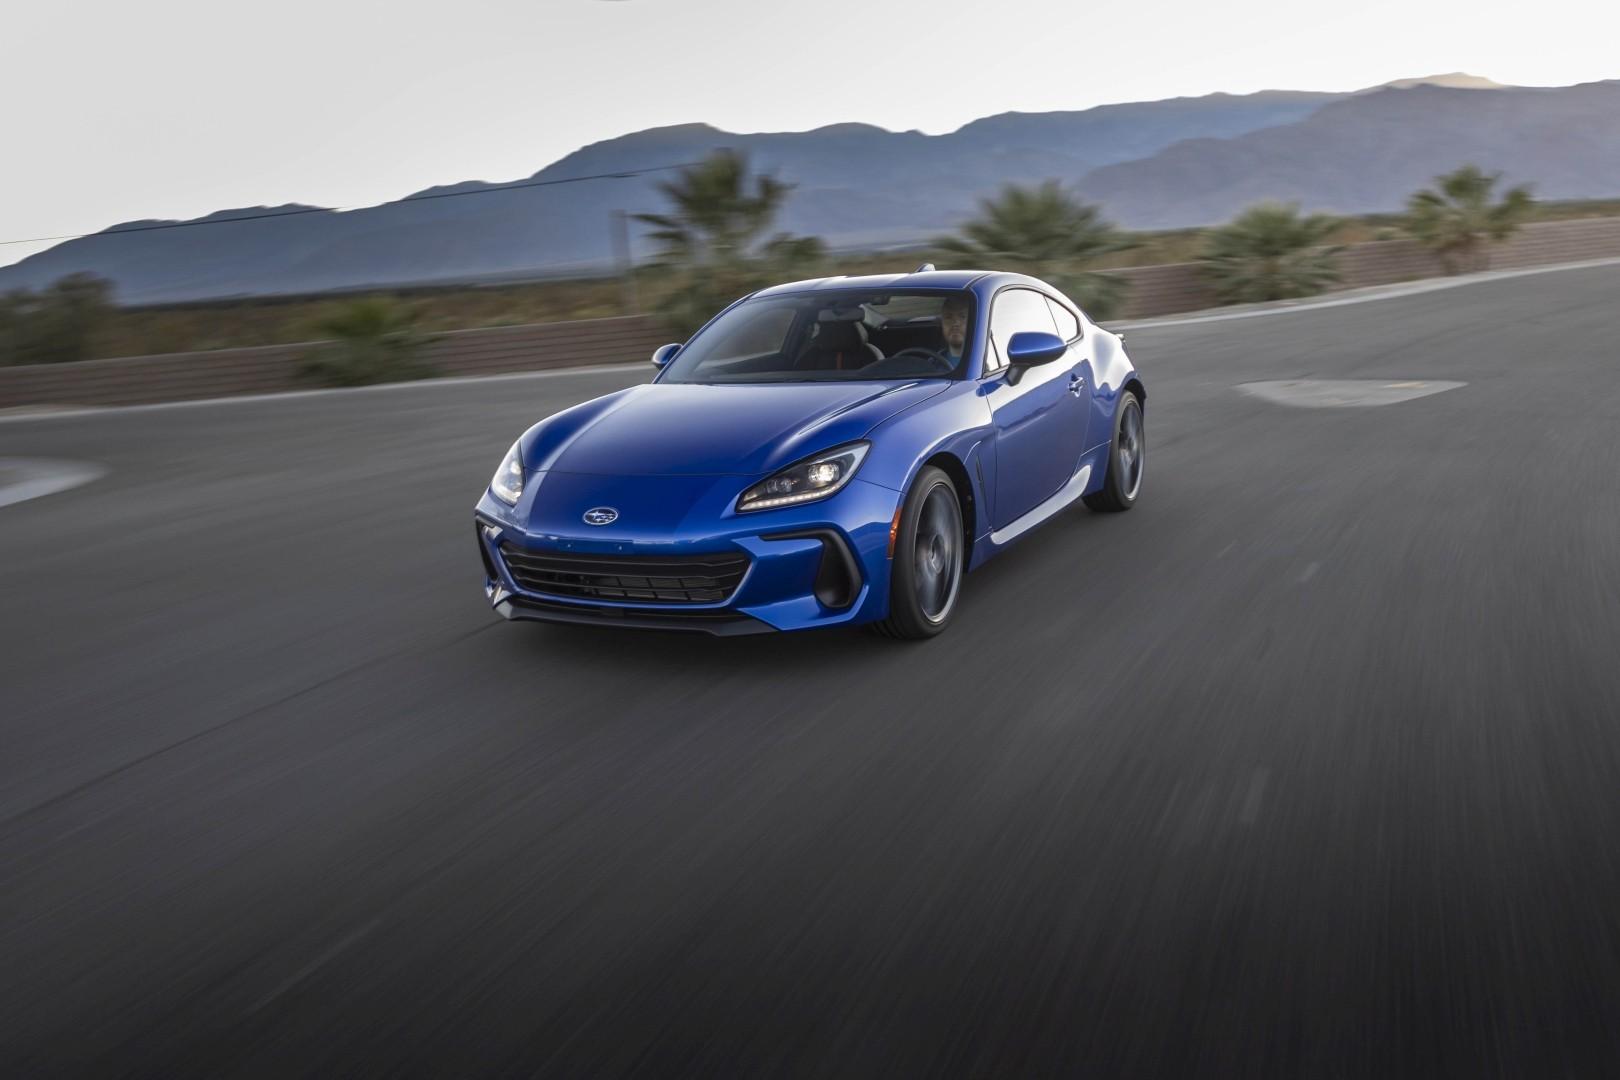 subaru brz specs & photos - 2021 - autoevolution